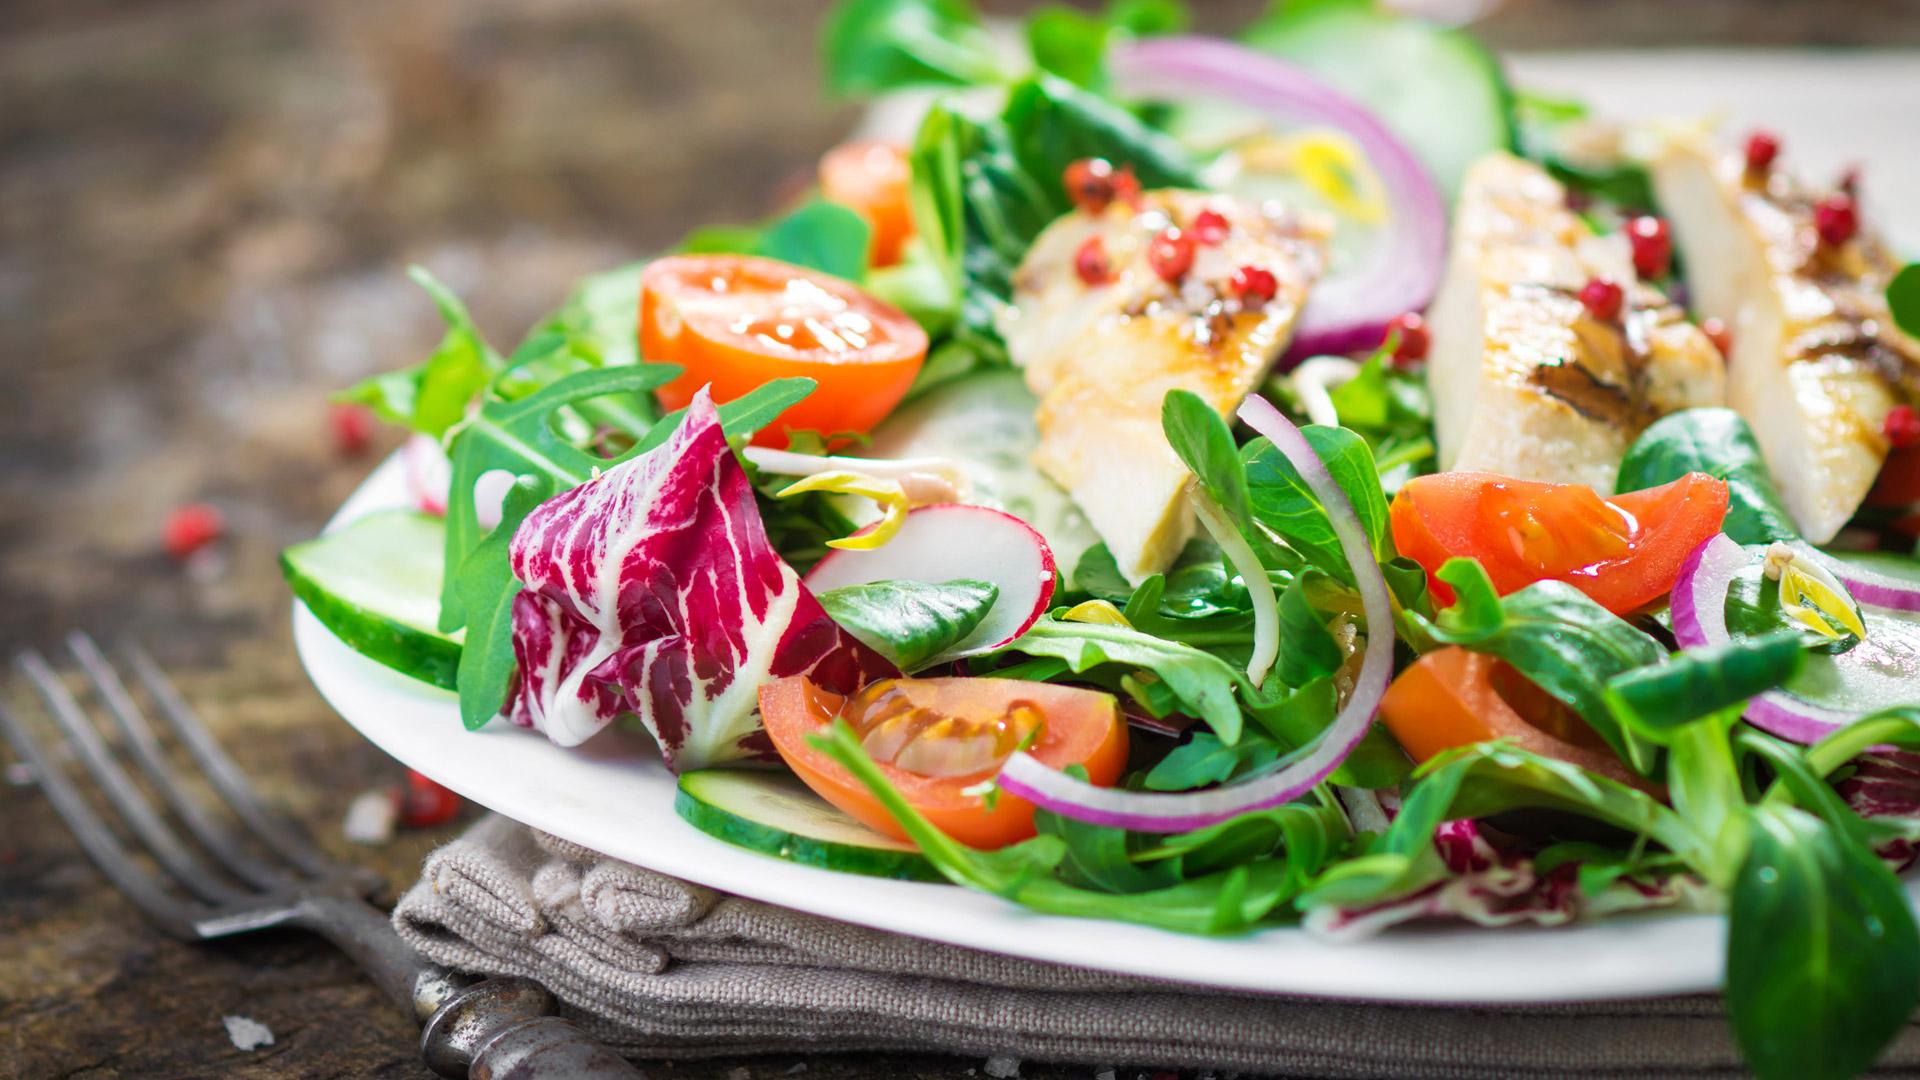 Pasos para tener una alimentación rica y saludable